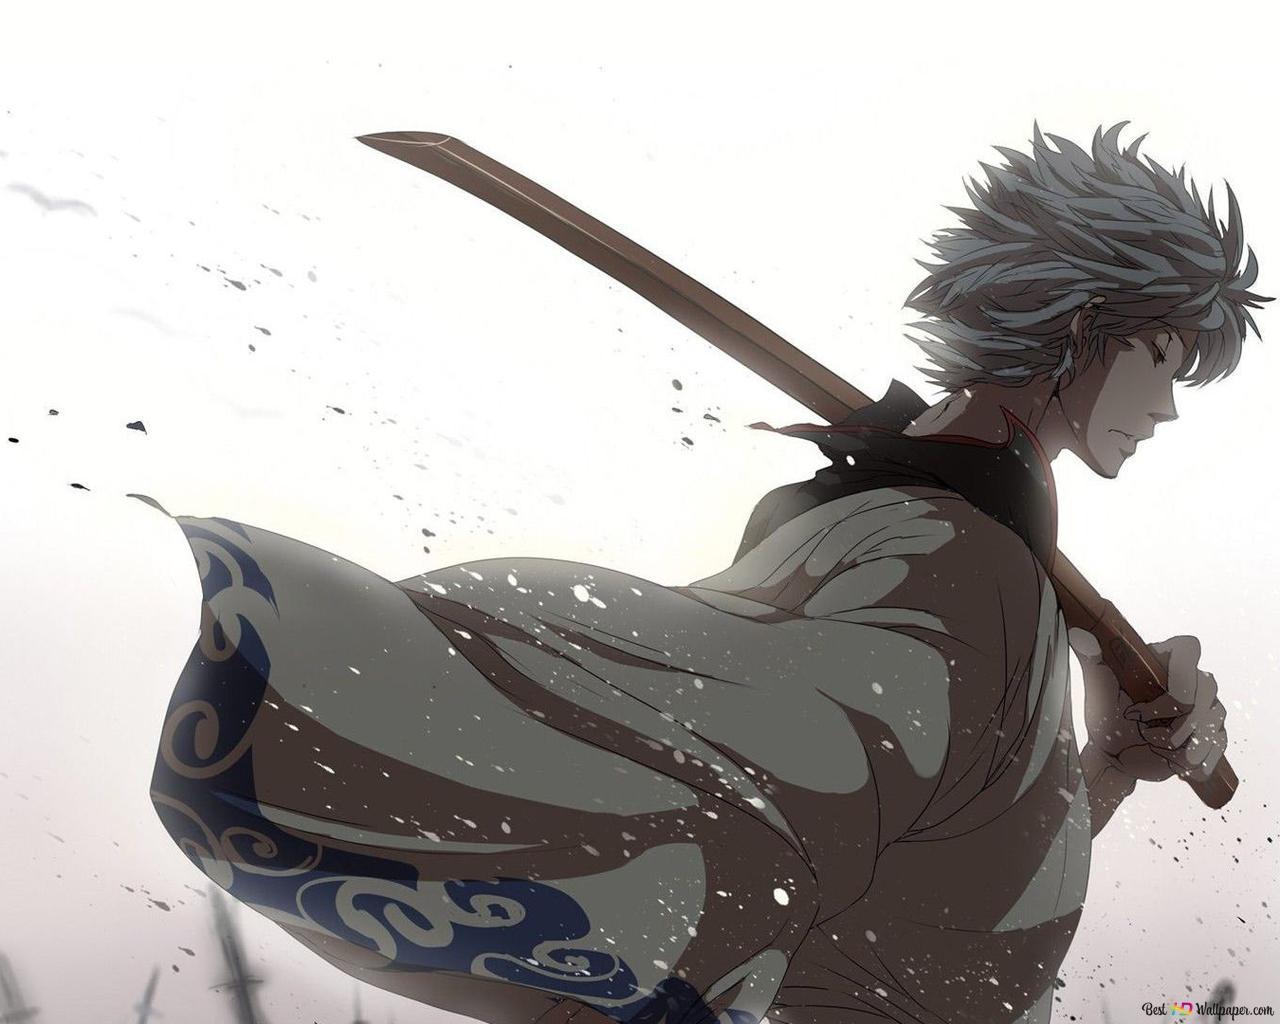 Descargar Fondo De Pantalla Gintama Samurai Hd